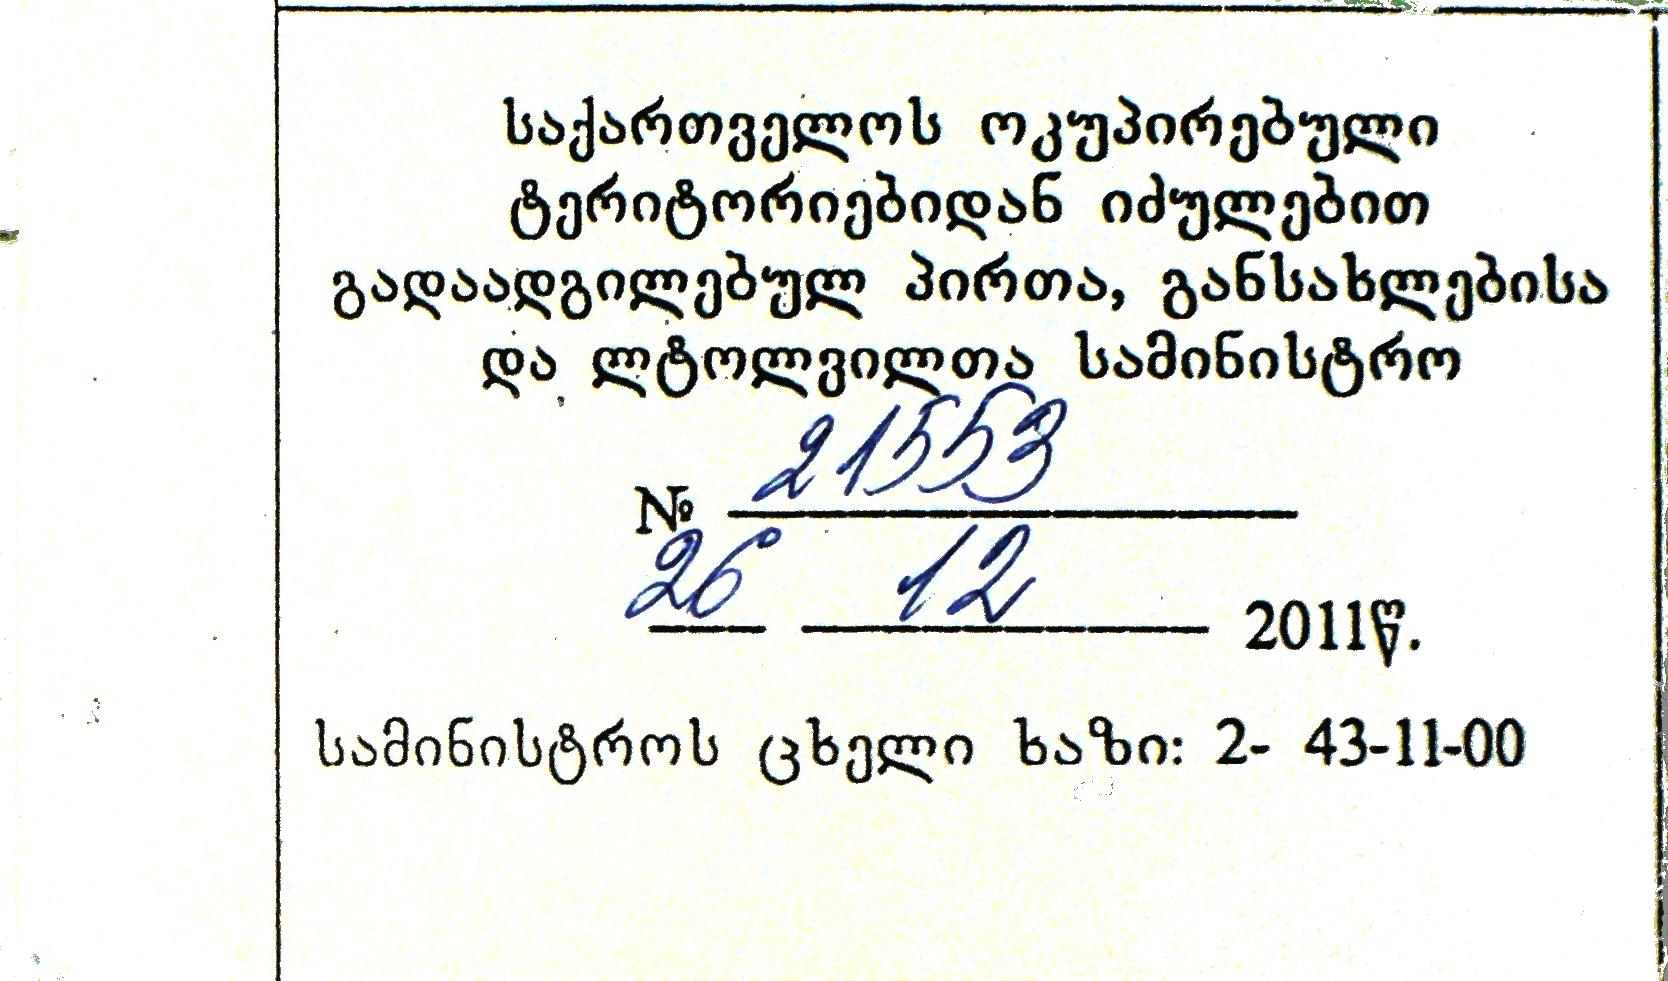 20111226_КВИТАНЦИЯ МИНБЕЖА